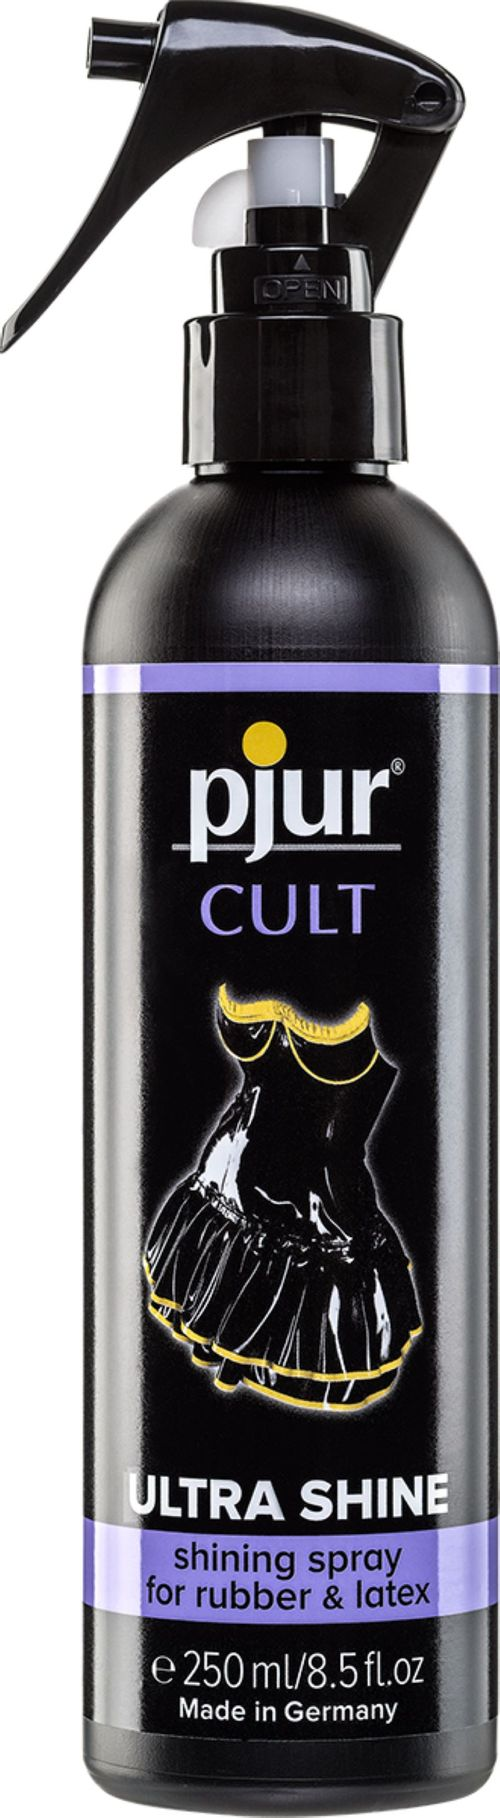 Cult Ultra Shine Spray - 250 ml